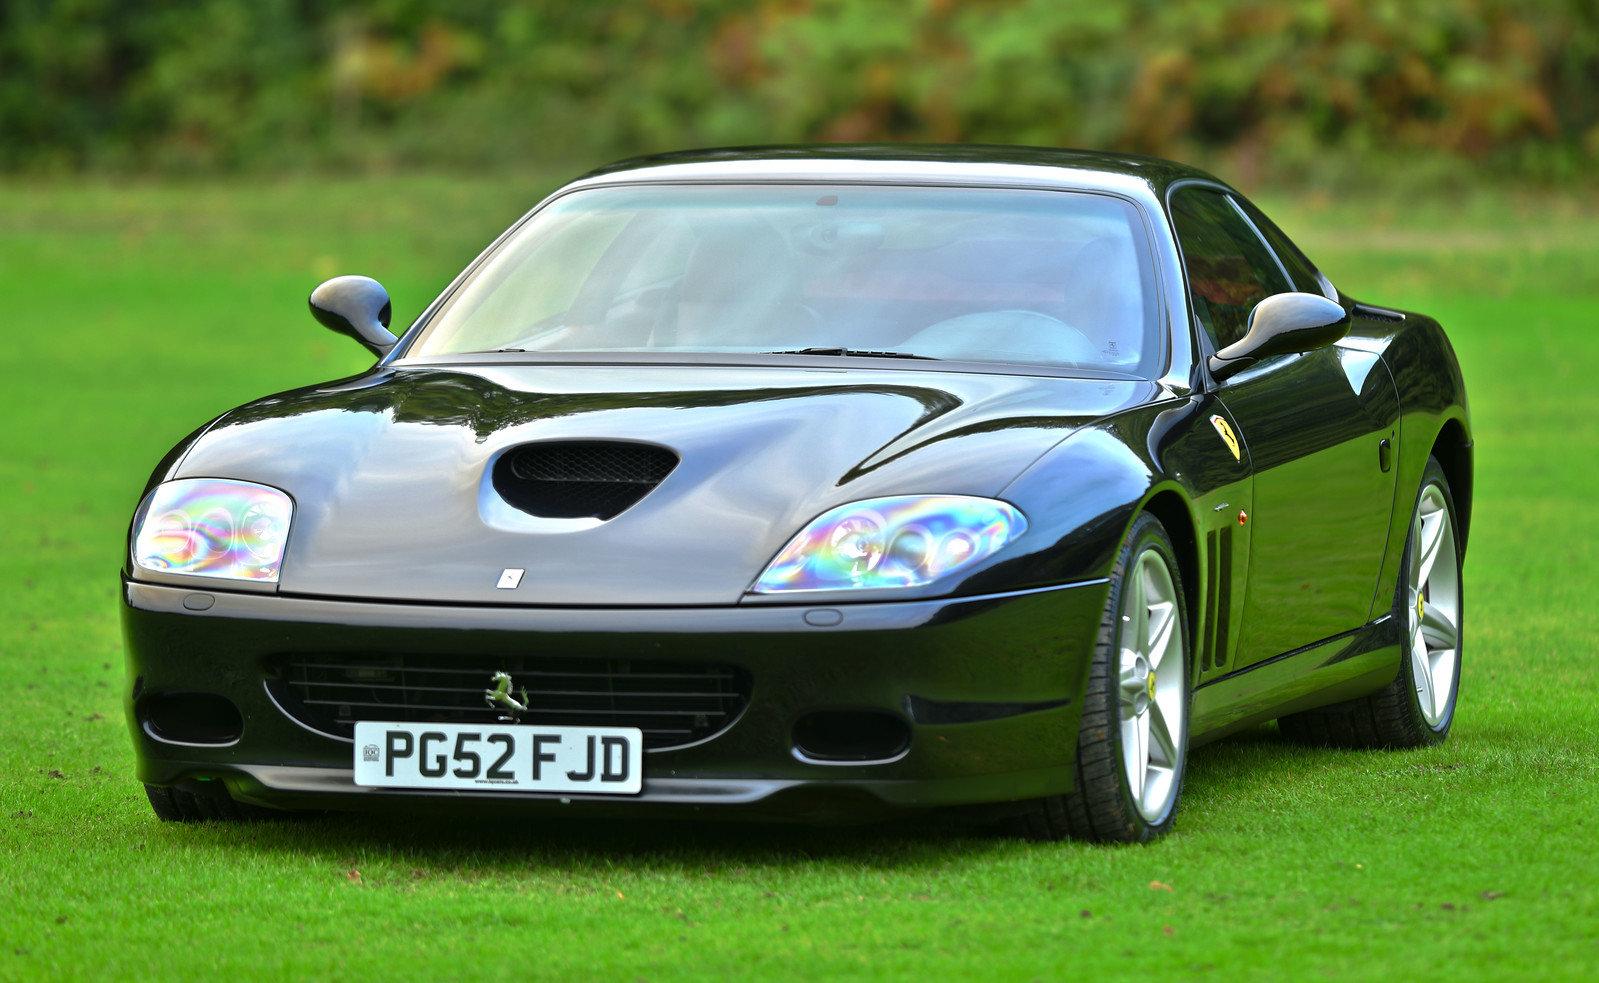 2003 Ferrari 575M Maranello F1 'Fiorano' (LHD) For Sale (picture 1 of 6)